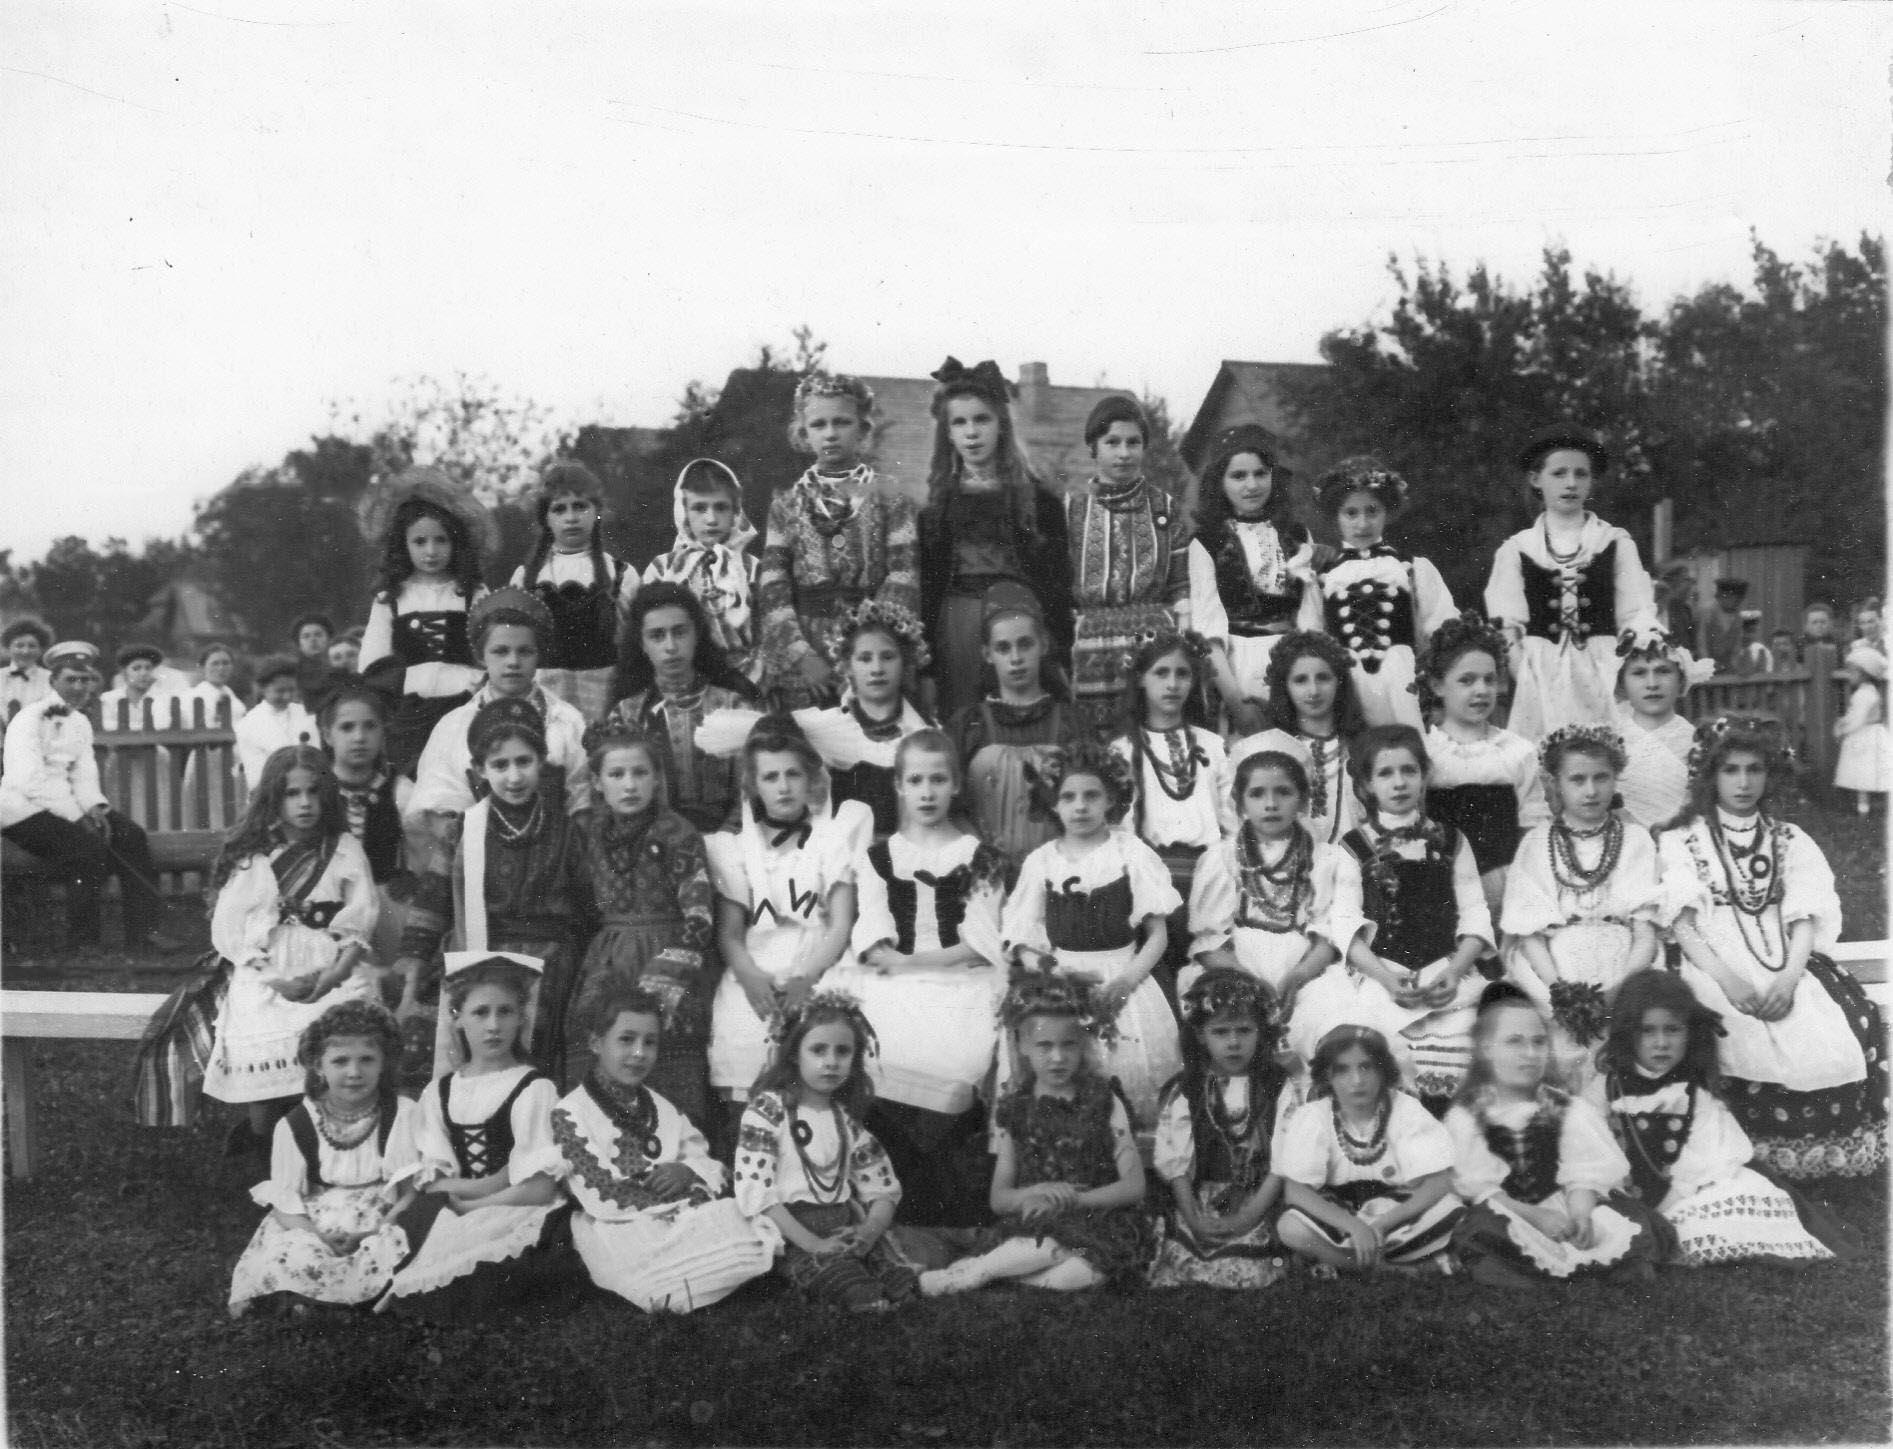 Группа детей в национальных костюмах на спортивной площадке гимнастического общества «Пальма»